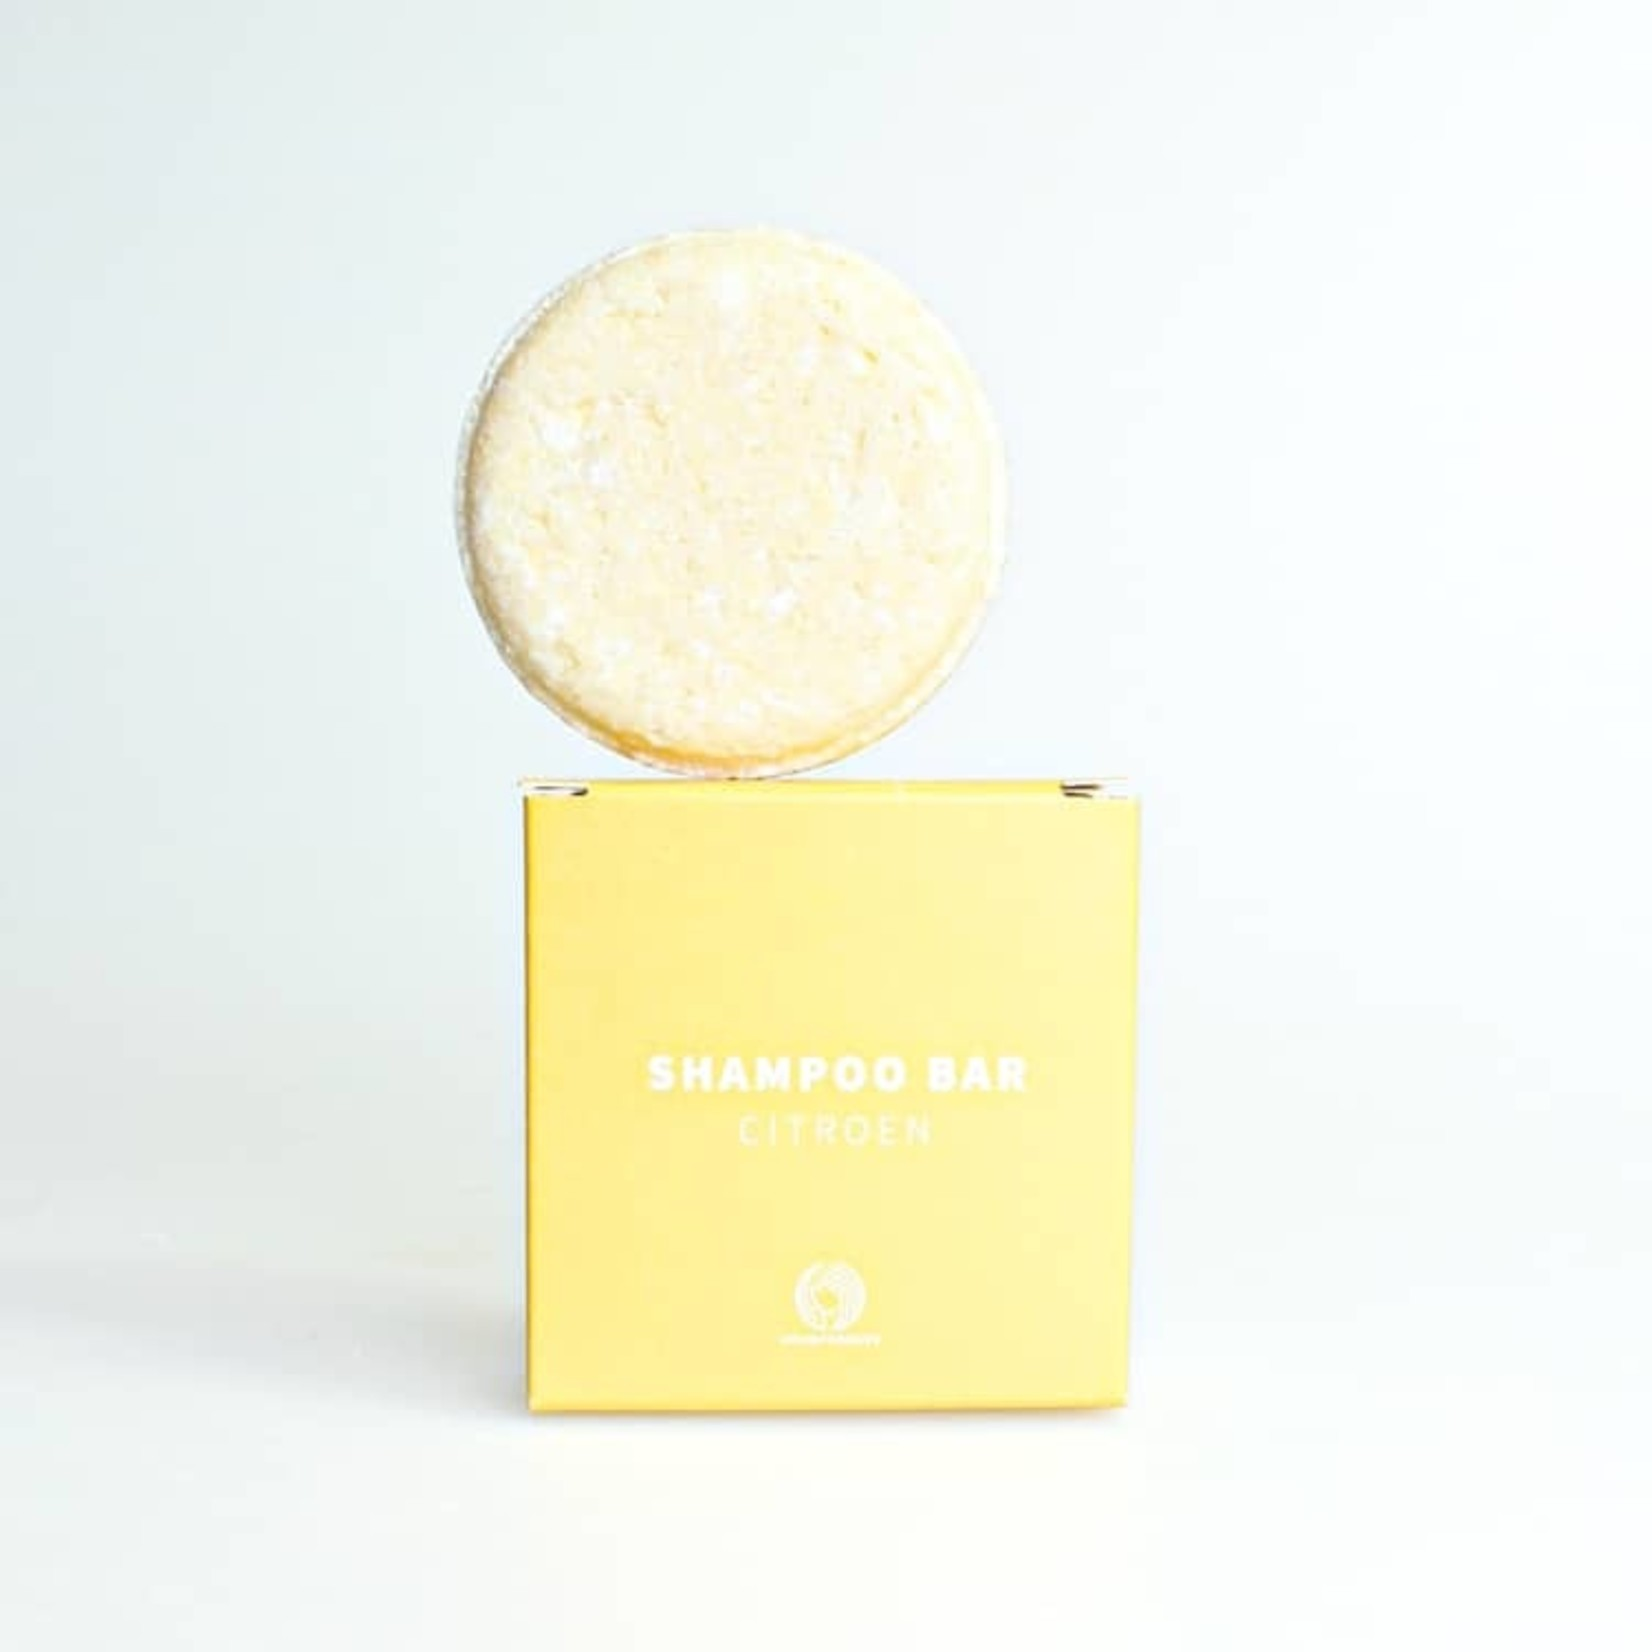 Shampoo bar Citroen